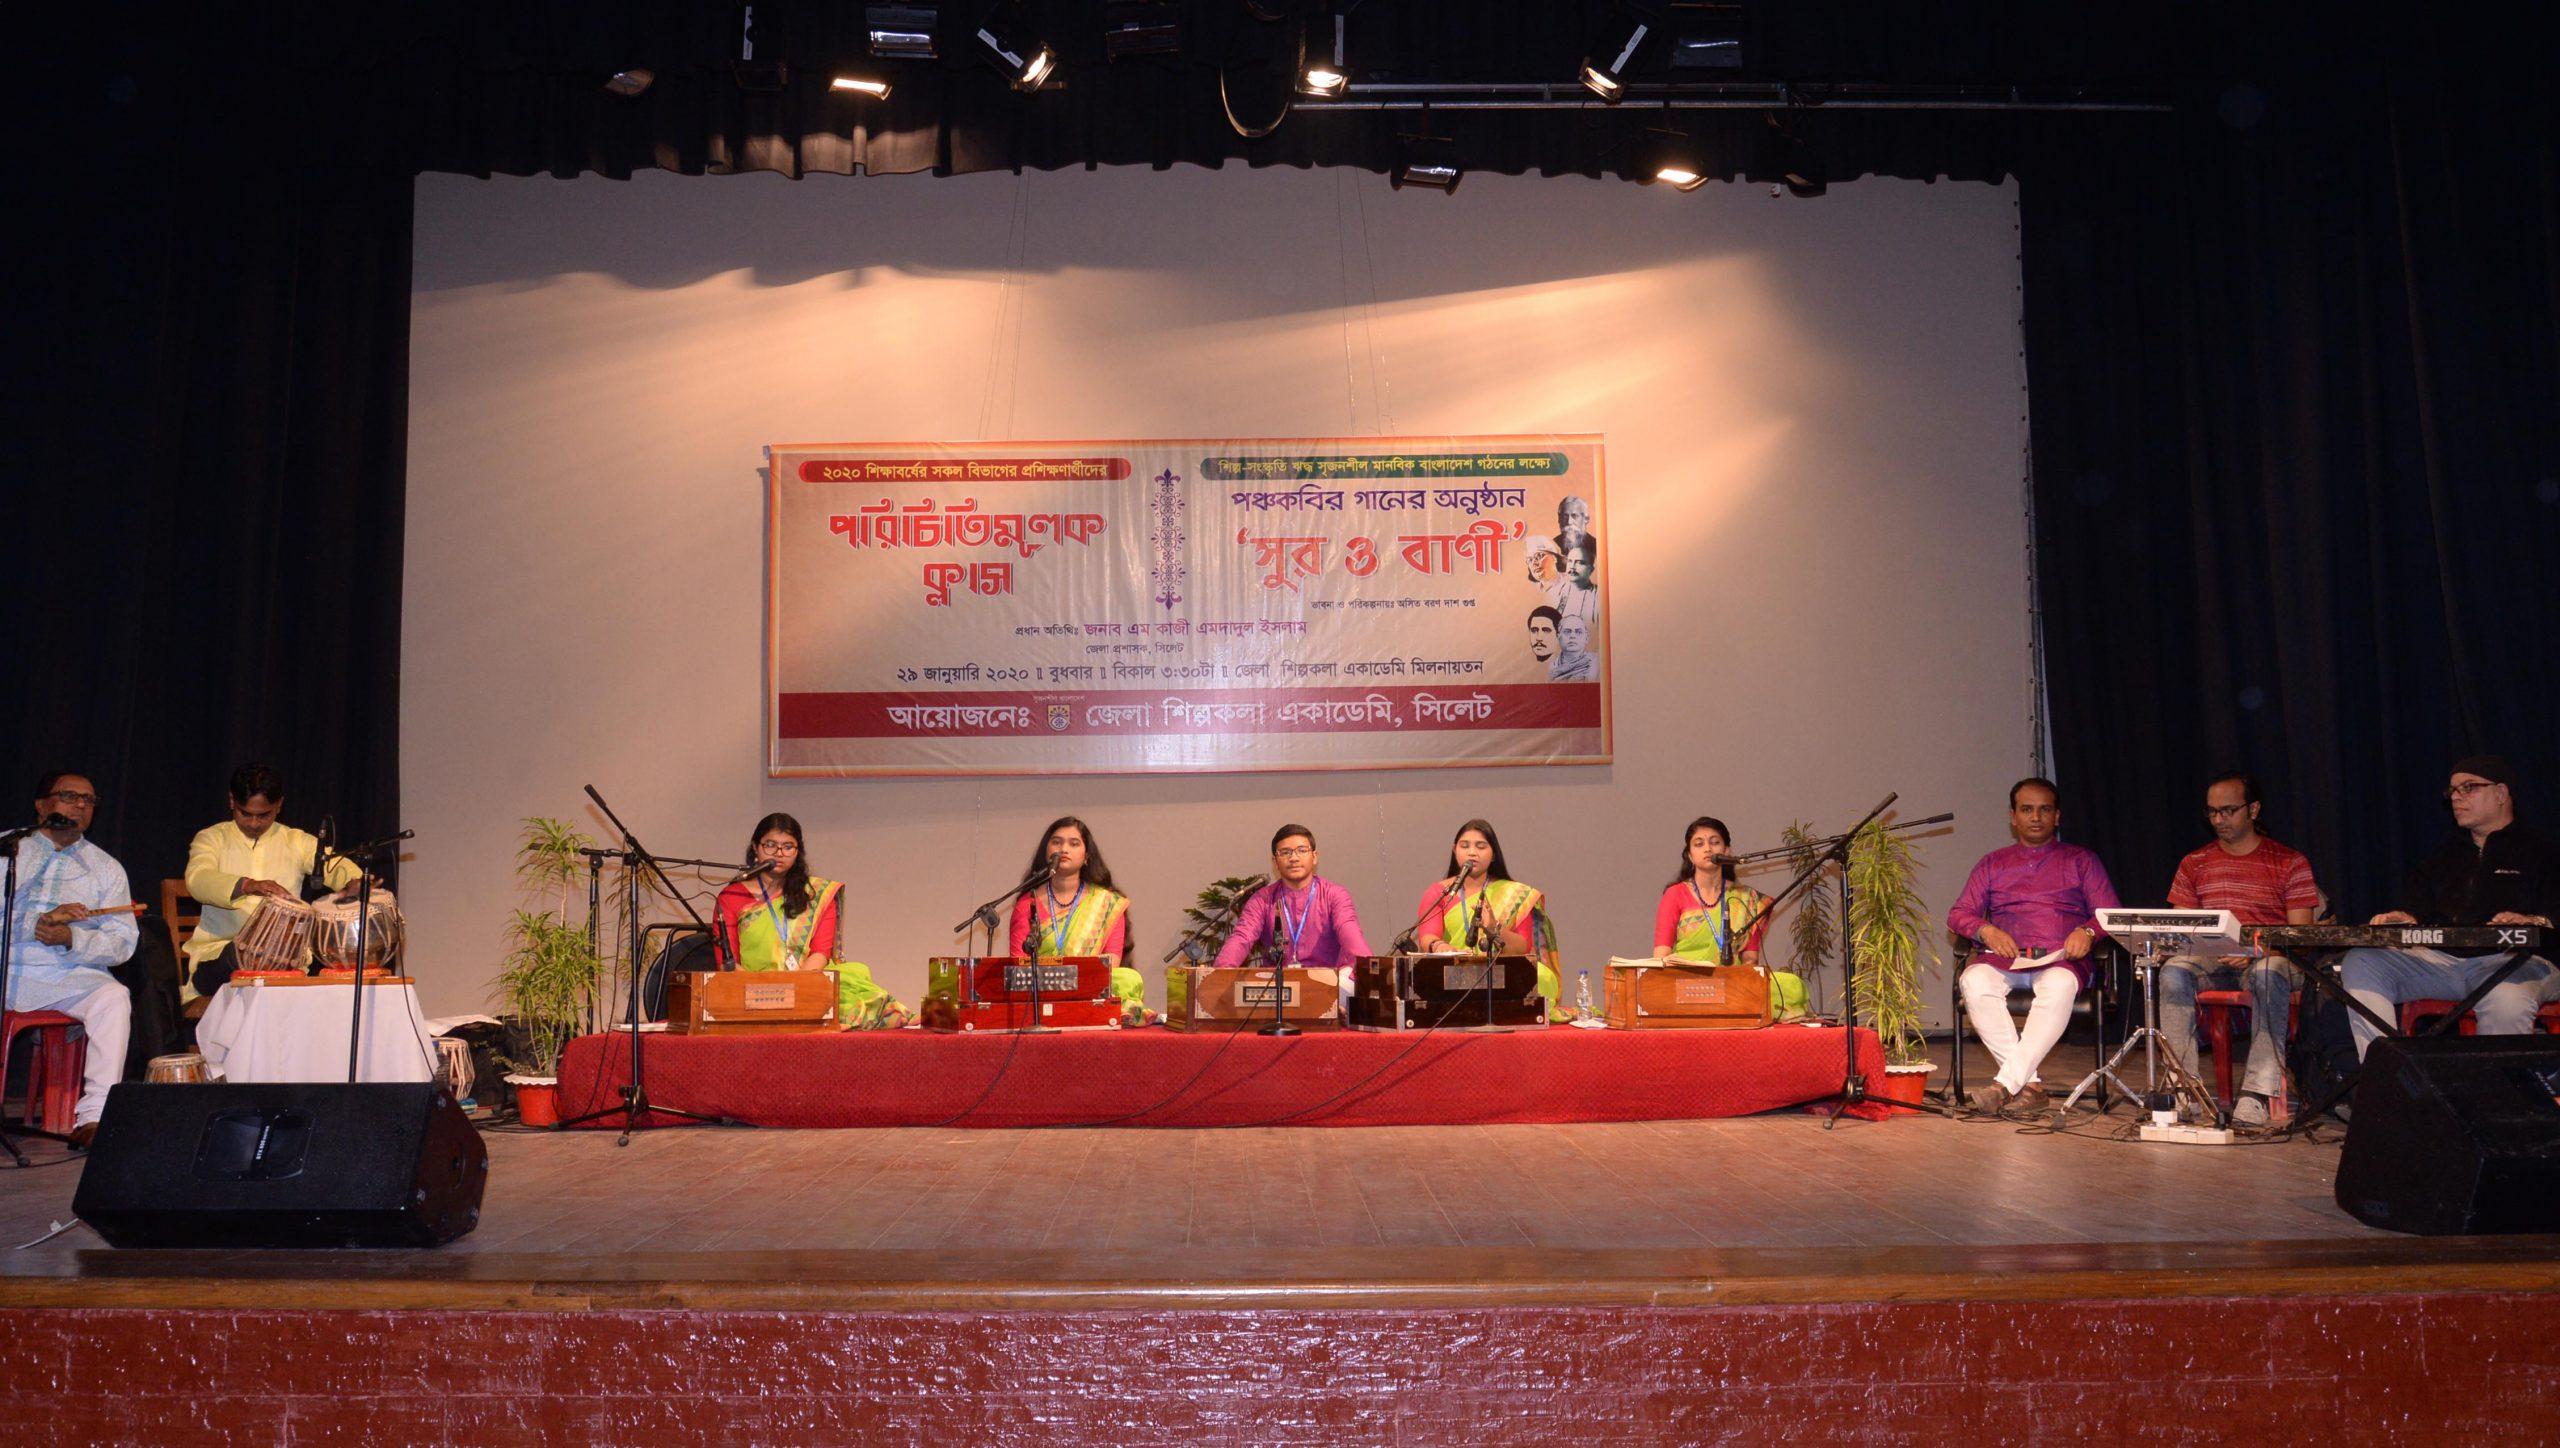 শিল্পকলা একাডেমীতে পঞ্চকবির গানের অনুষ্ঠান 'সুর ও বাণী'